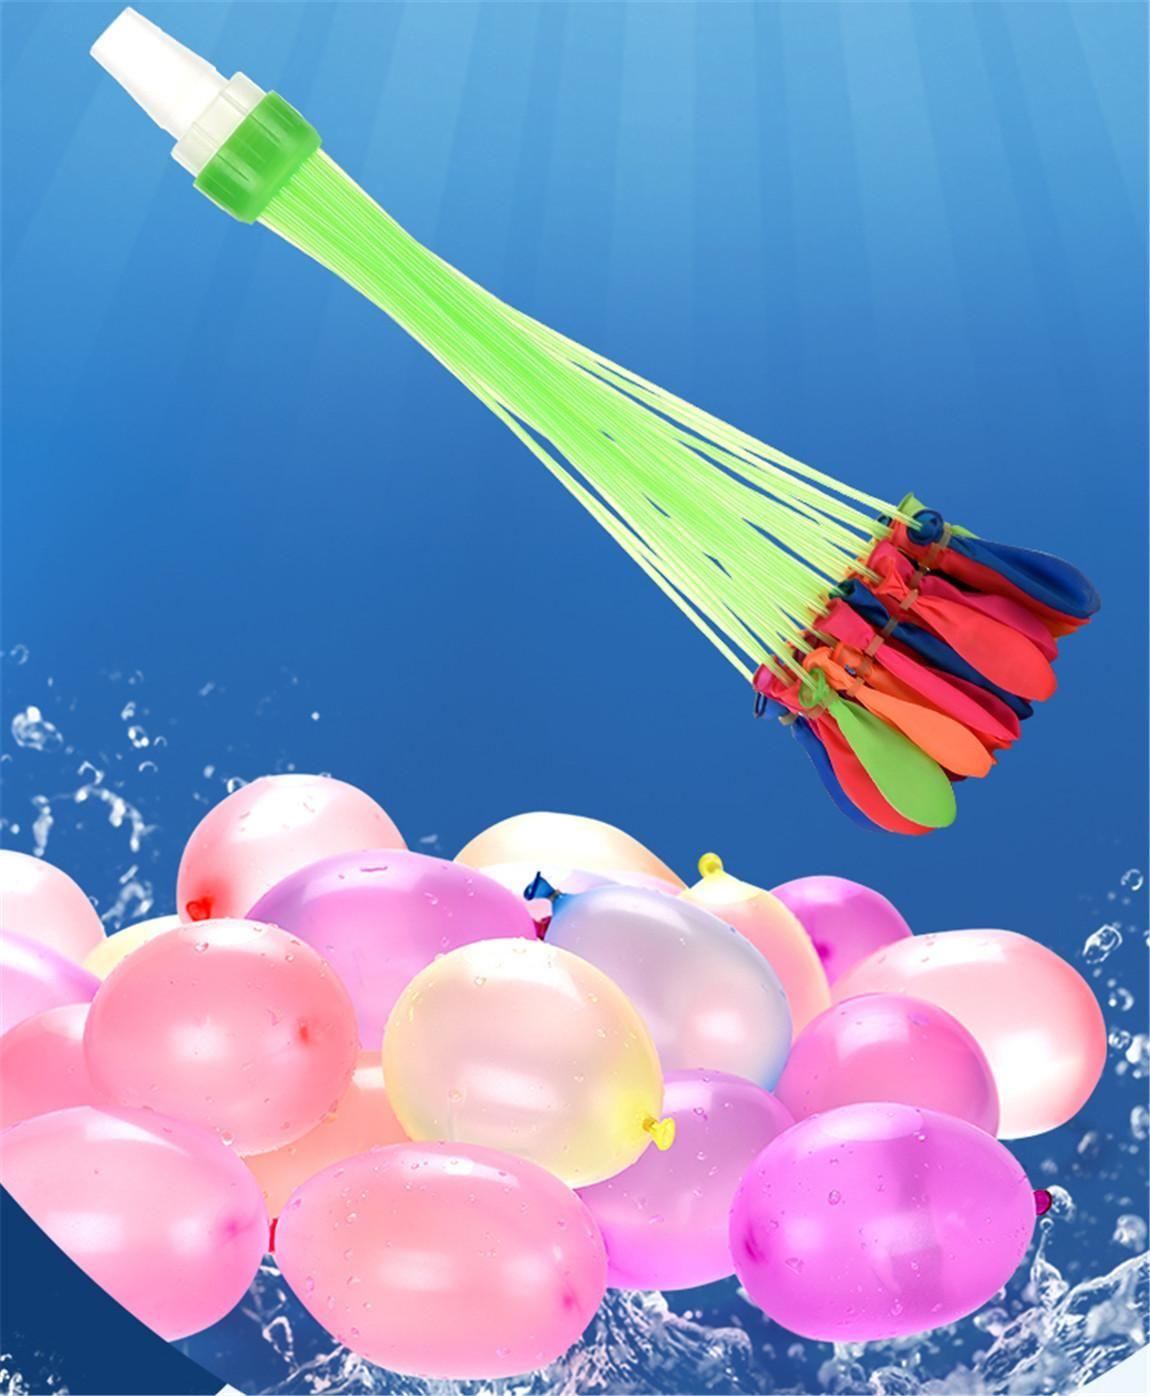 111Psc eau coloré rempli Ballons d'été pour enfants Garden Party plein air jouer dans les jeux aquatiques pour les enfants Jouets rapide Facile de remplissage d'eau 08